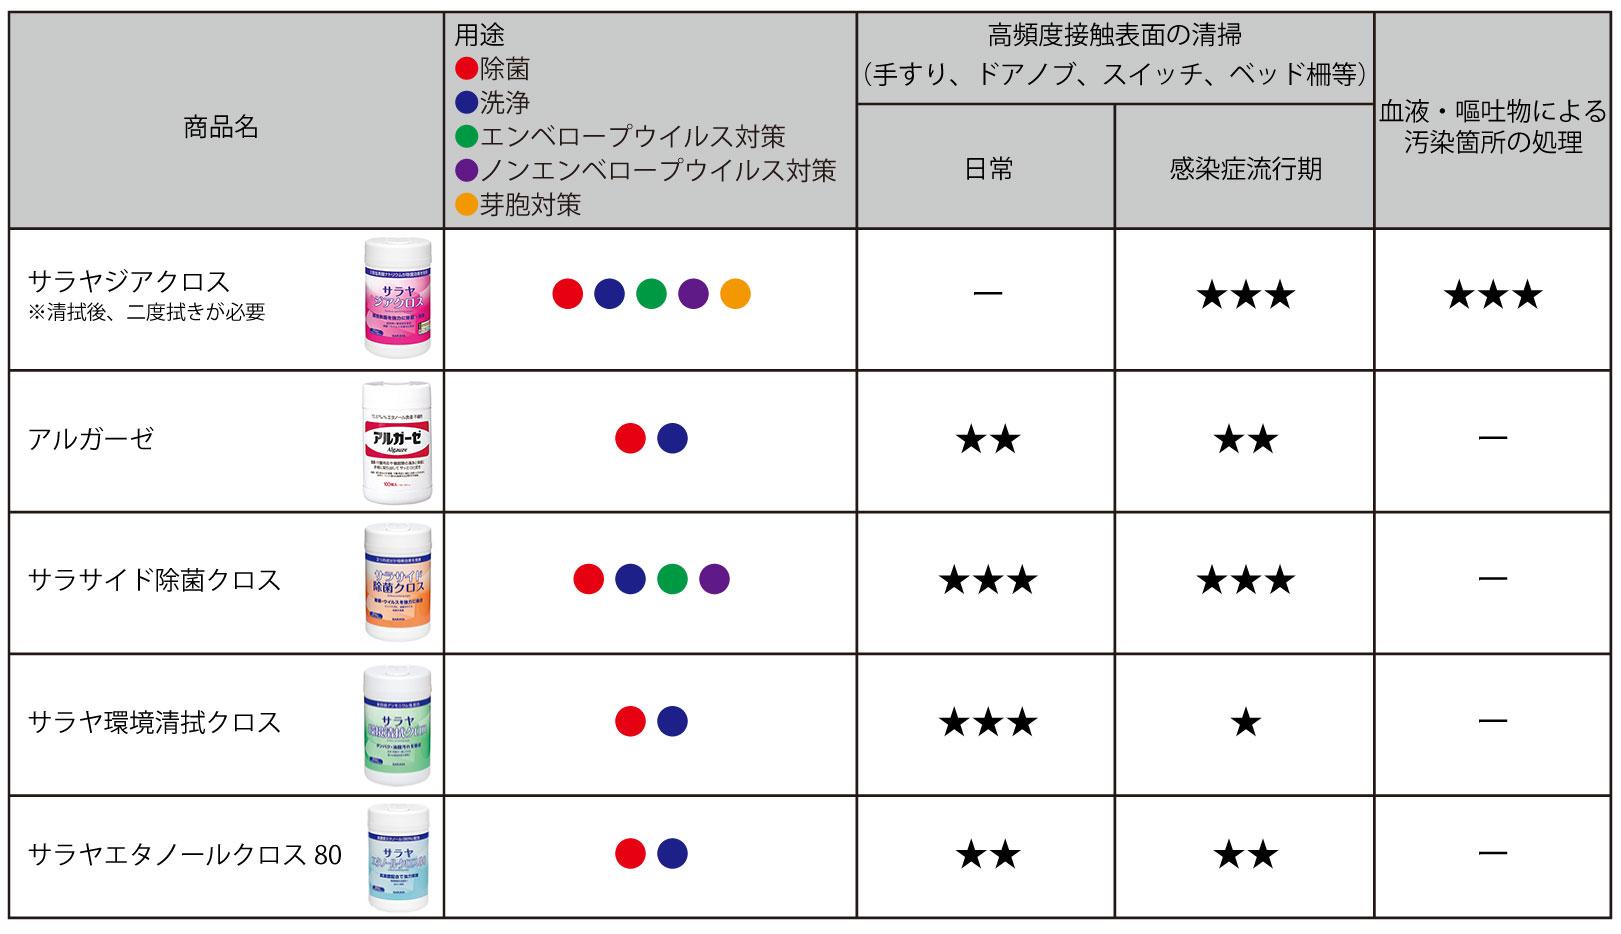 薬液含浸クロス比較表